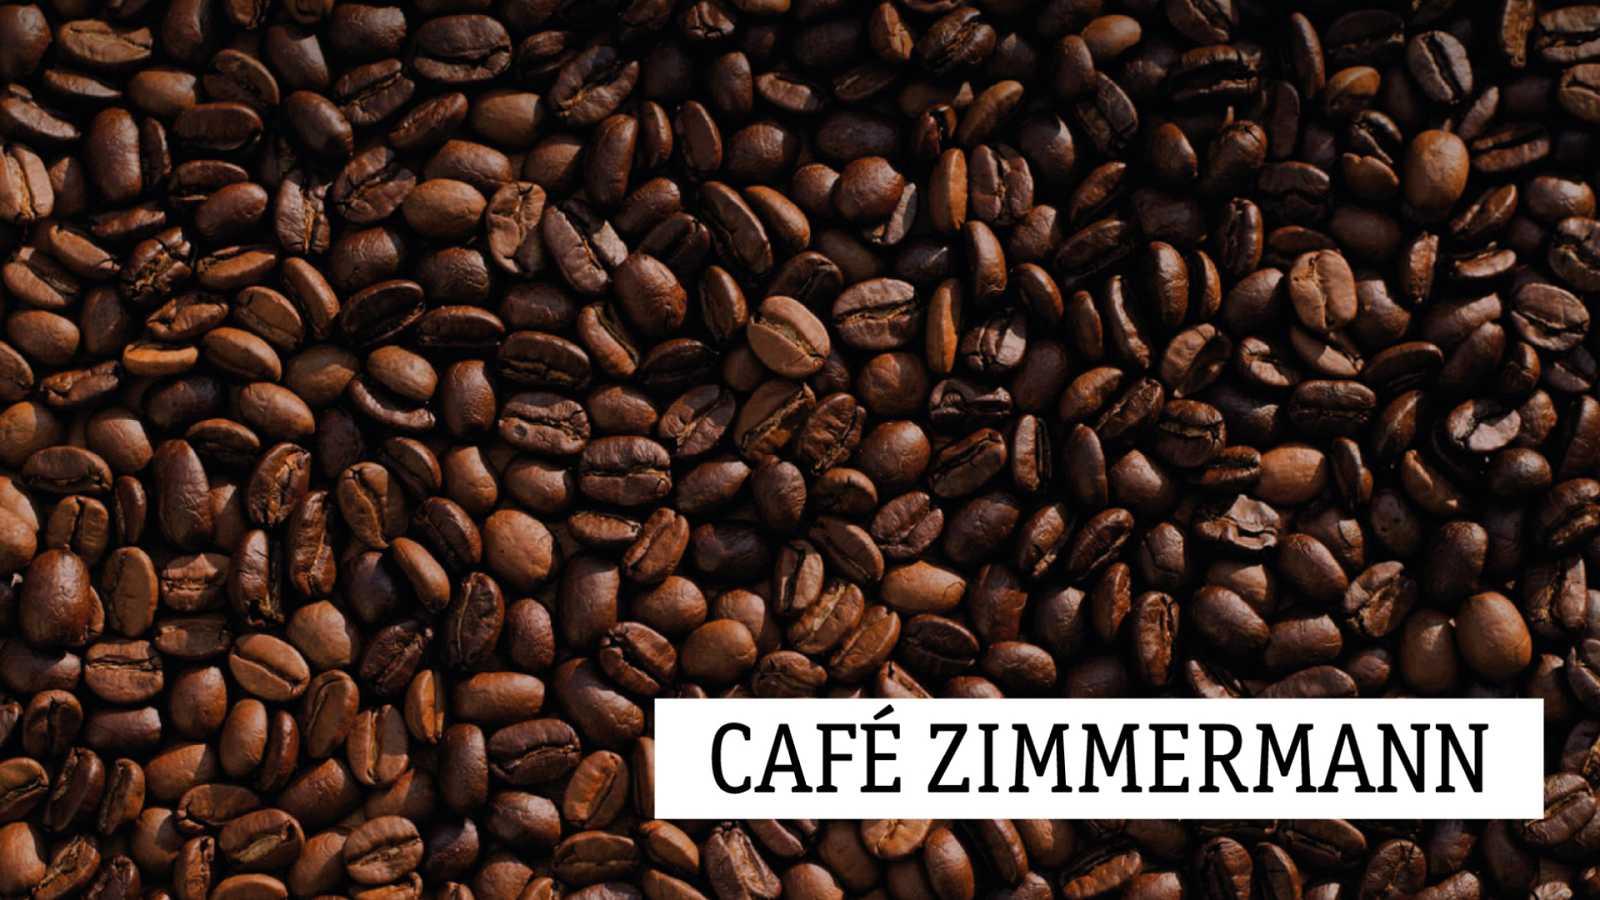 Café Zimmermann - Barber y la Fuerza Aérea de los Estados Unidos - 23/12/20 - escuchar ahora